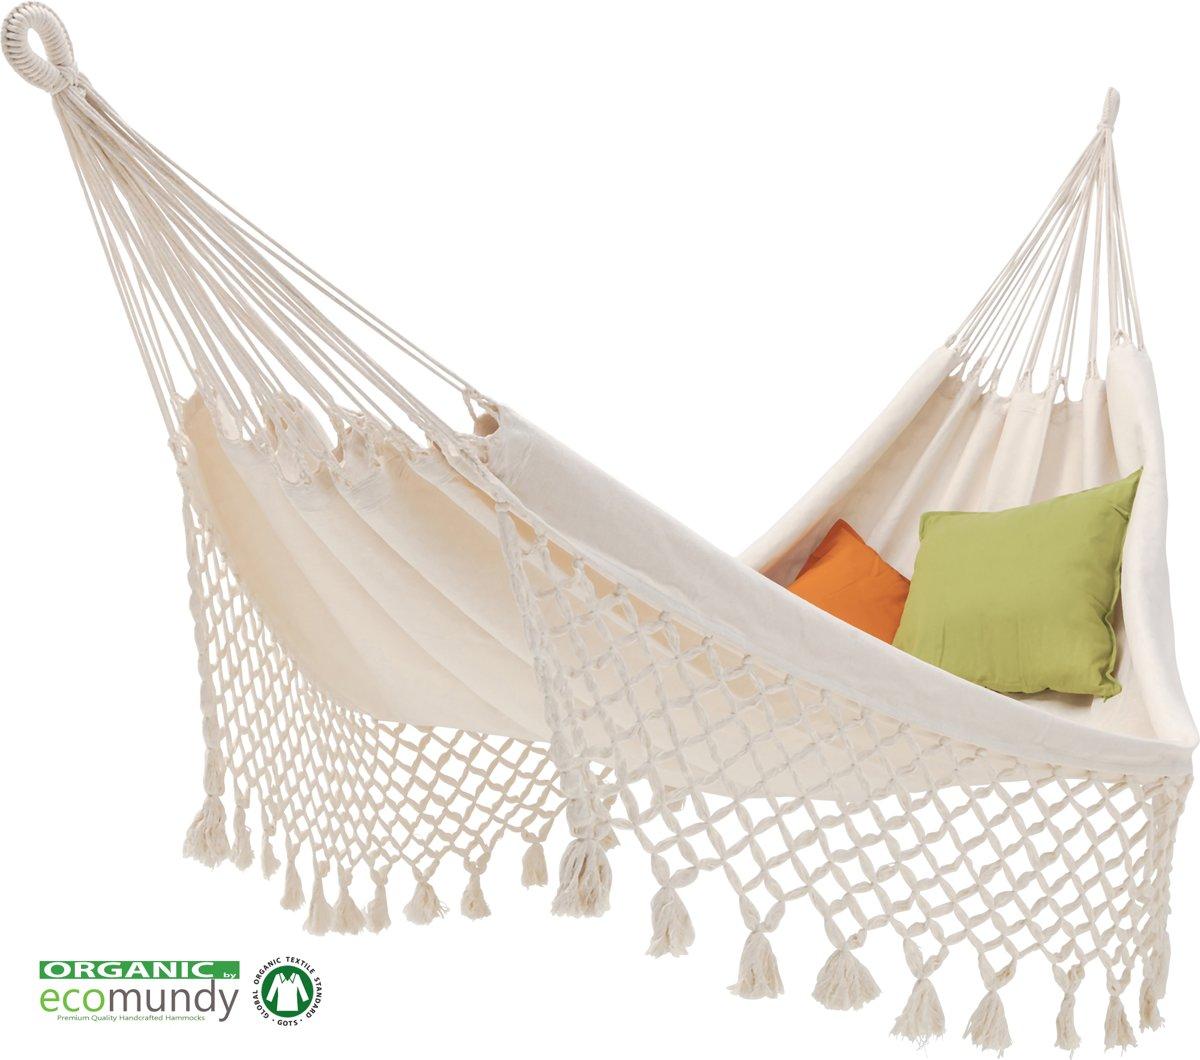 ECOMUNDY ROMANCE XL 380 WIT - Luxe klassieke hangmat met franje  - premium kwaliteit - biologisch katoen met  GOTS keurmerk - 160x260x380cm max 250kg